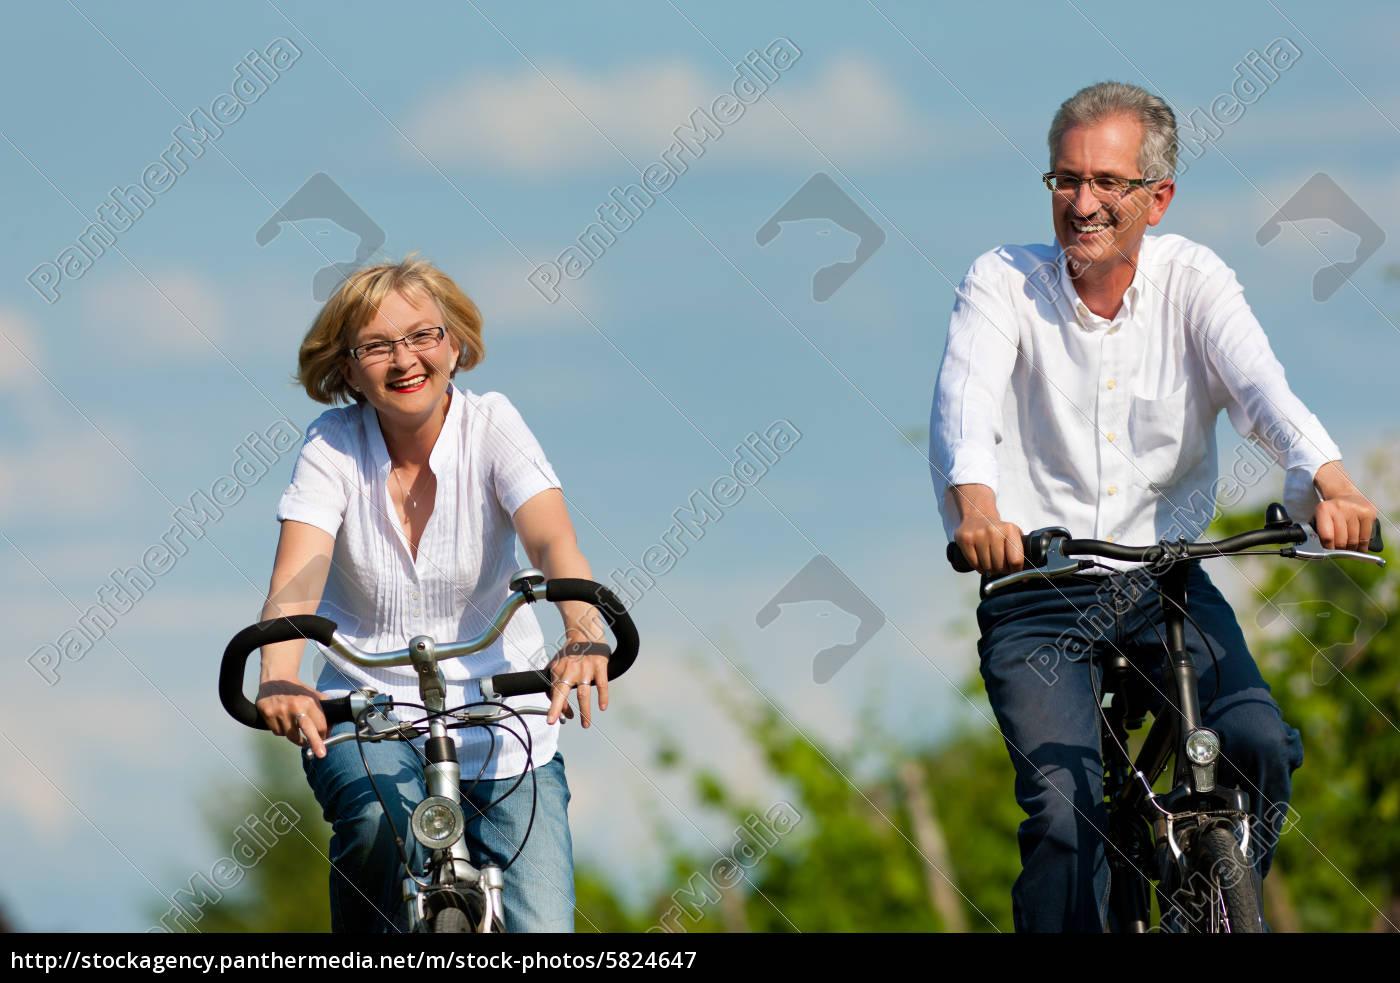 glückliches, paar, fährt, rad, in, der - 5824647